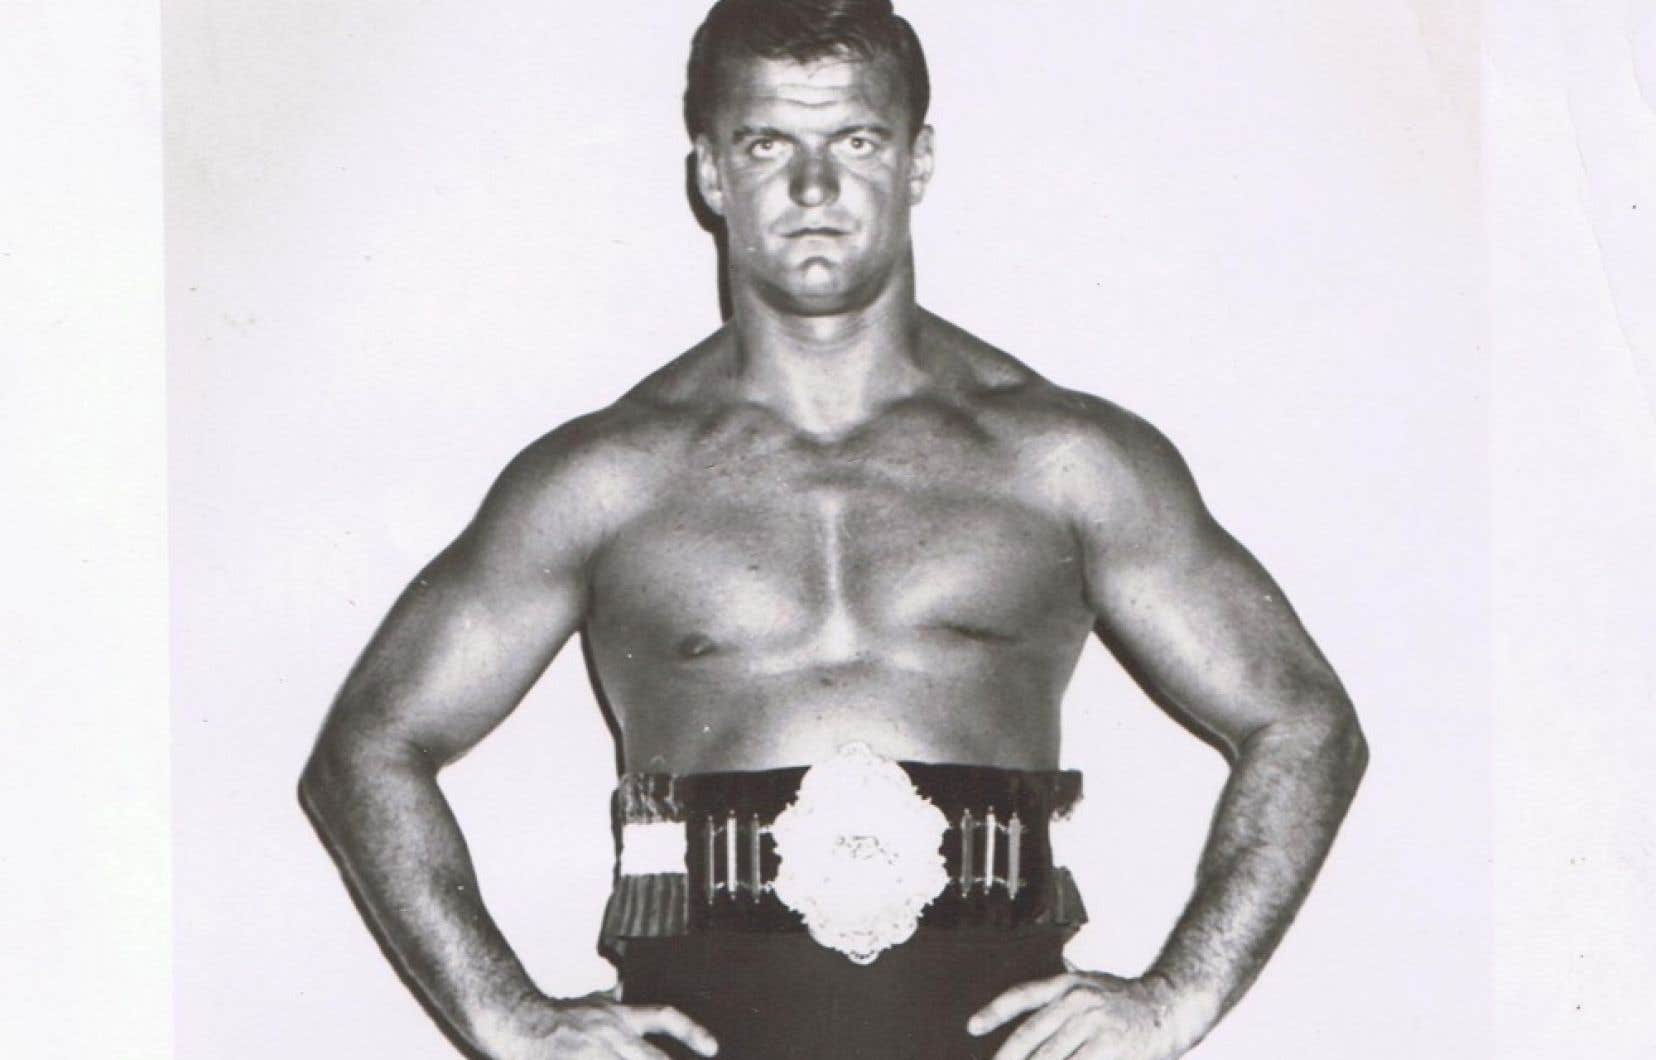 Jacques Rougeau a commencé la lutte en 1956. En compagnie de son frère Jean, il a vécu l'âge d'or de la lutte professionnelle au Québec, notamment dans les années 1960 et 1970.